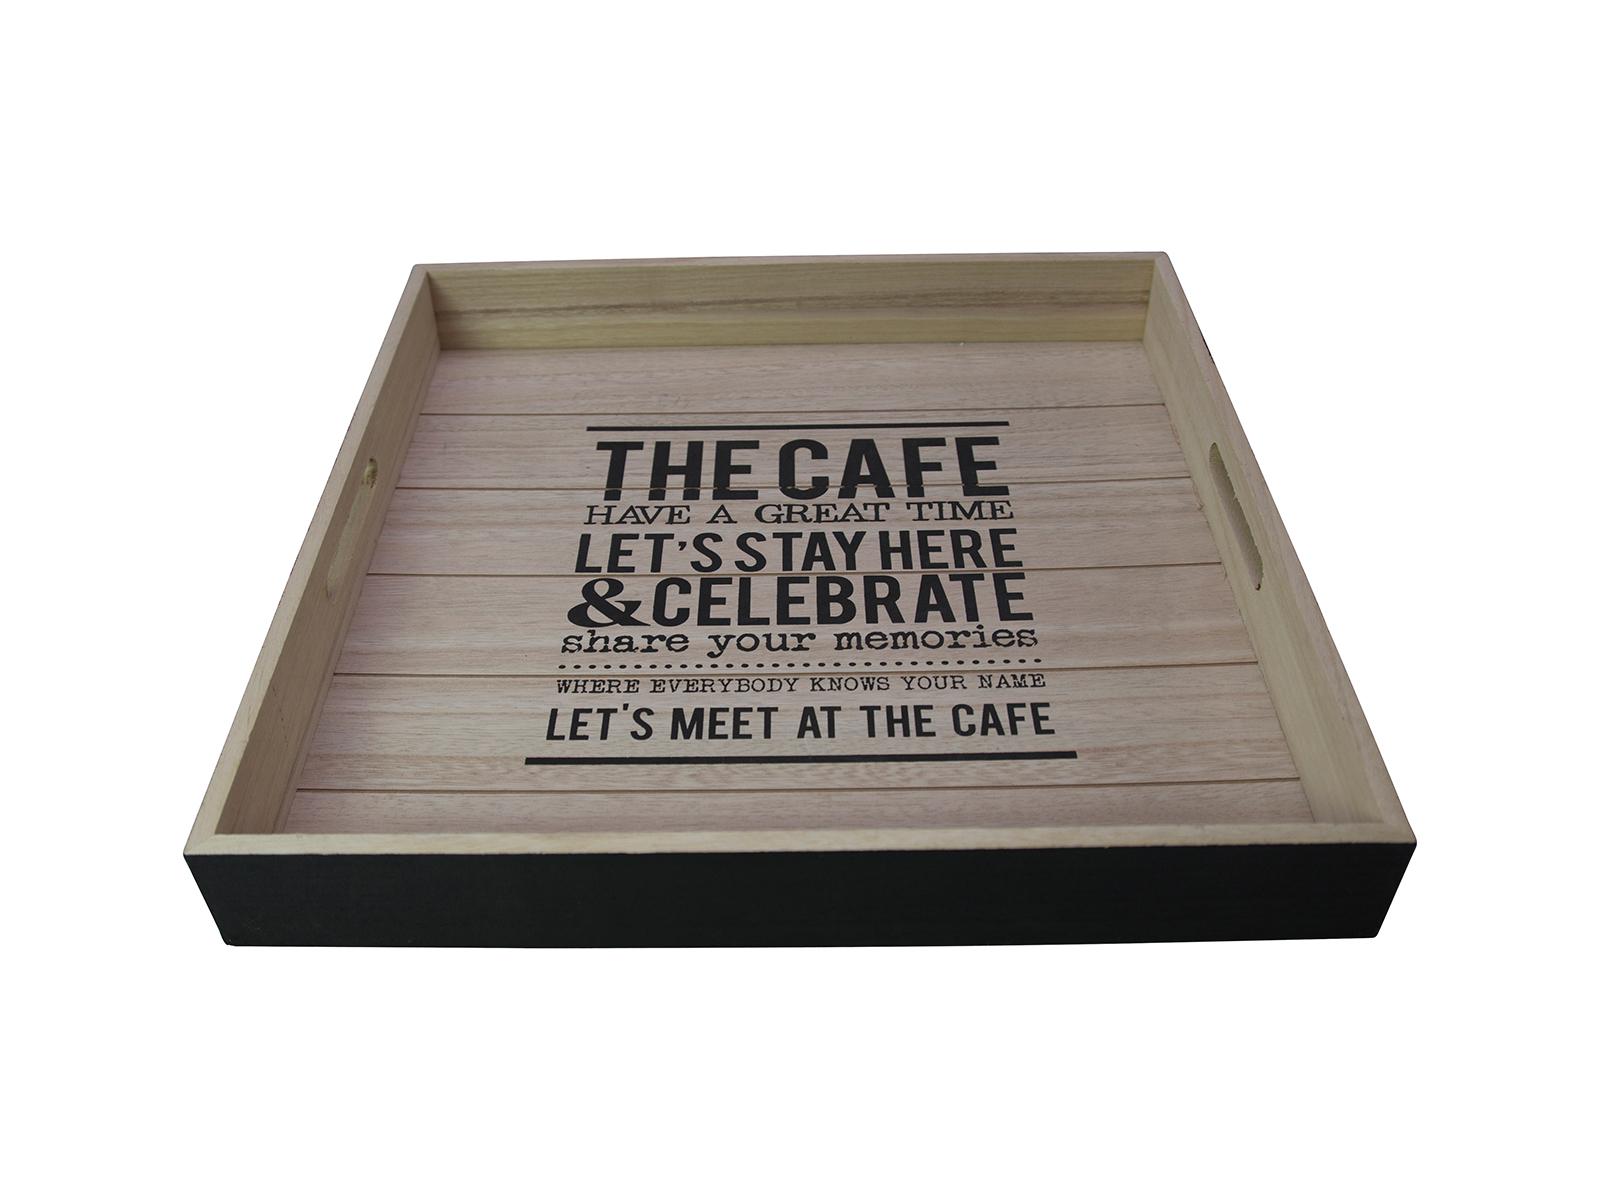 Поднос The CafeПосуда<br>Сервировочный поднос<br>